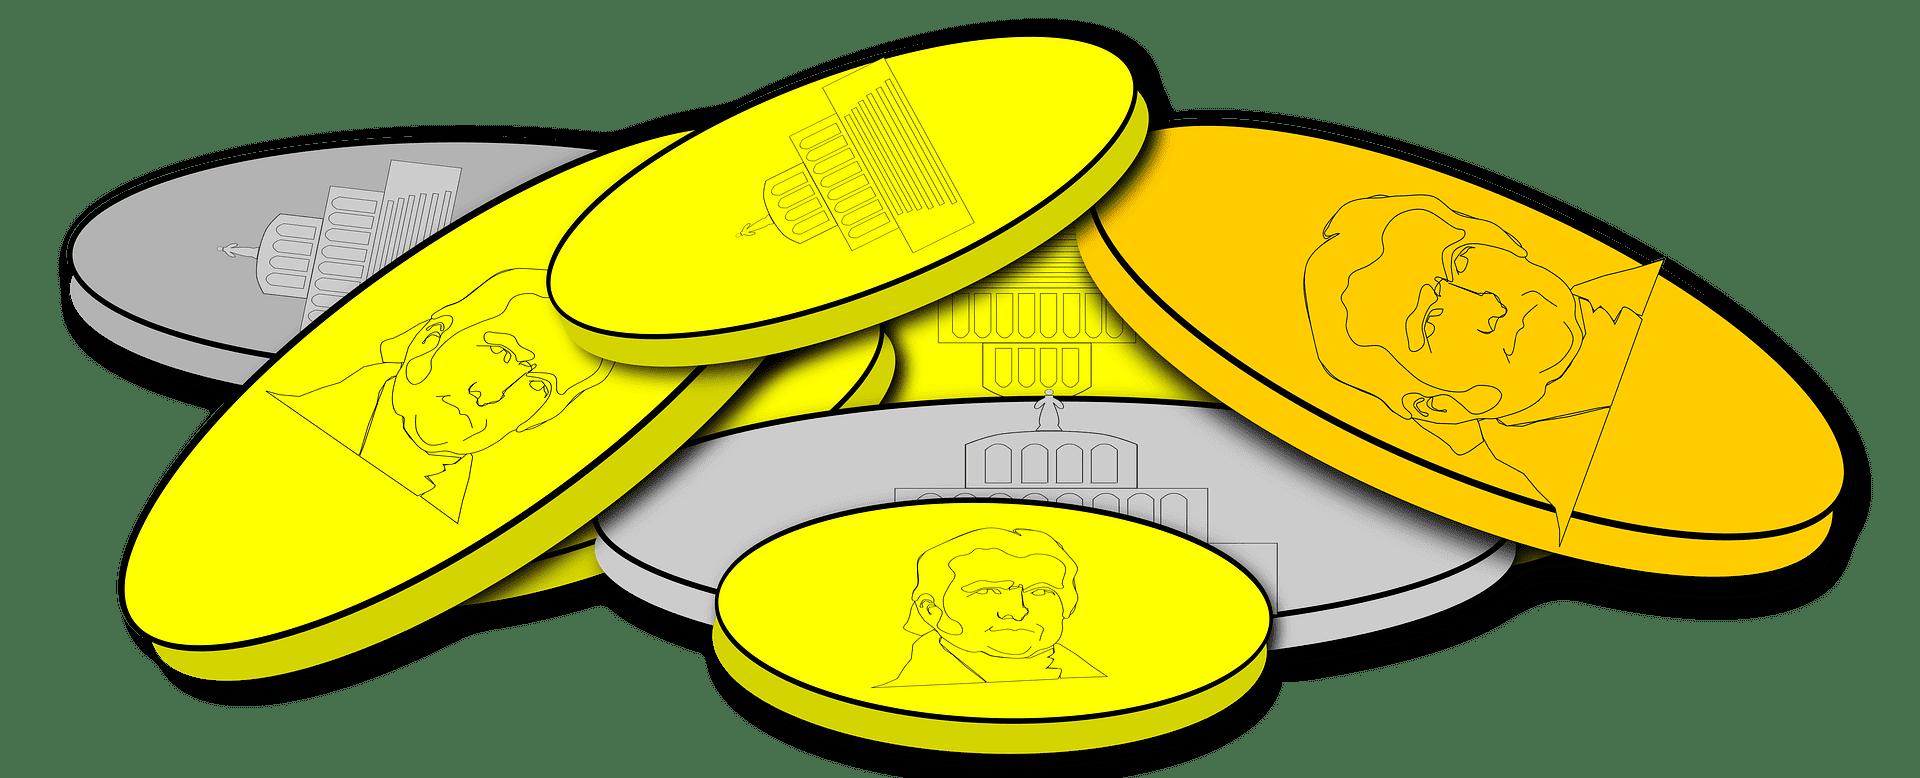 Coins clipart transparent png